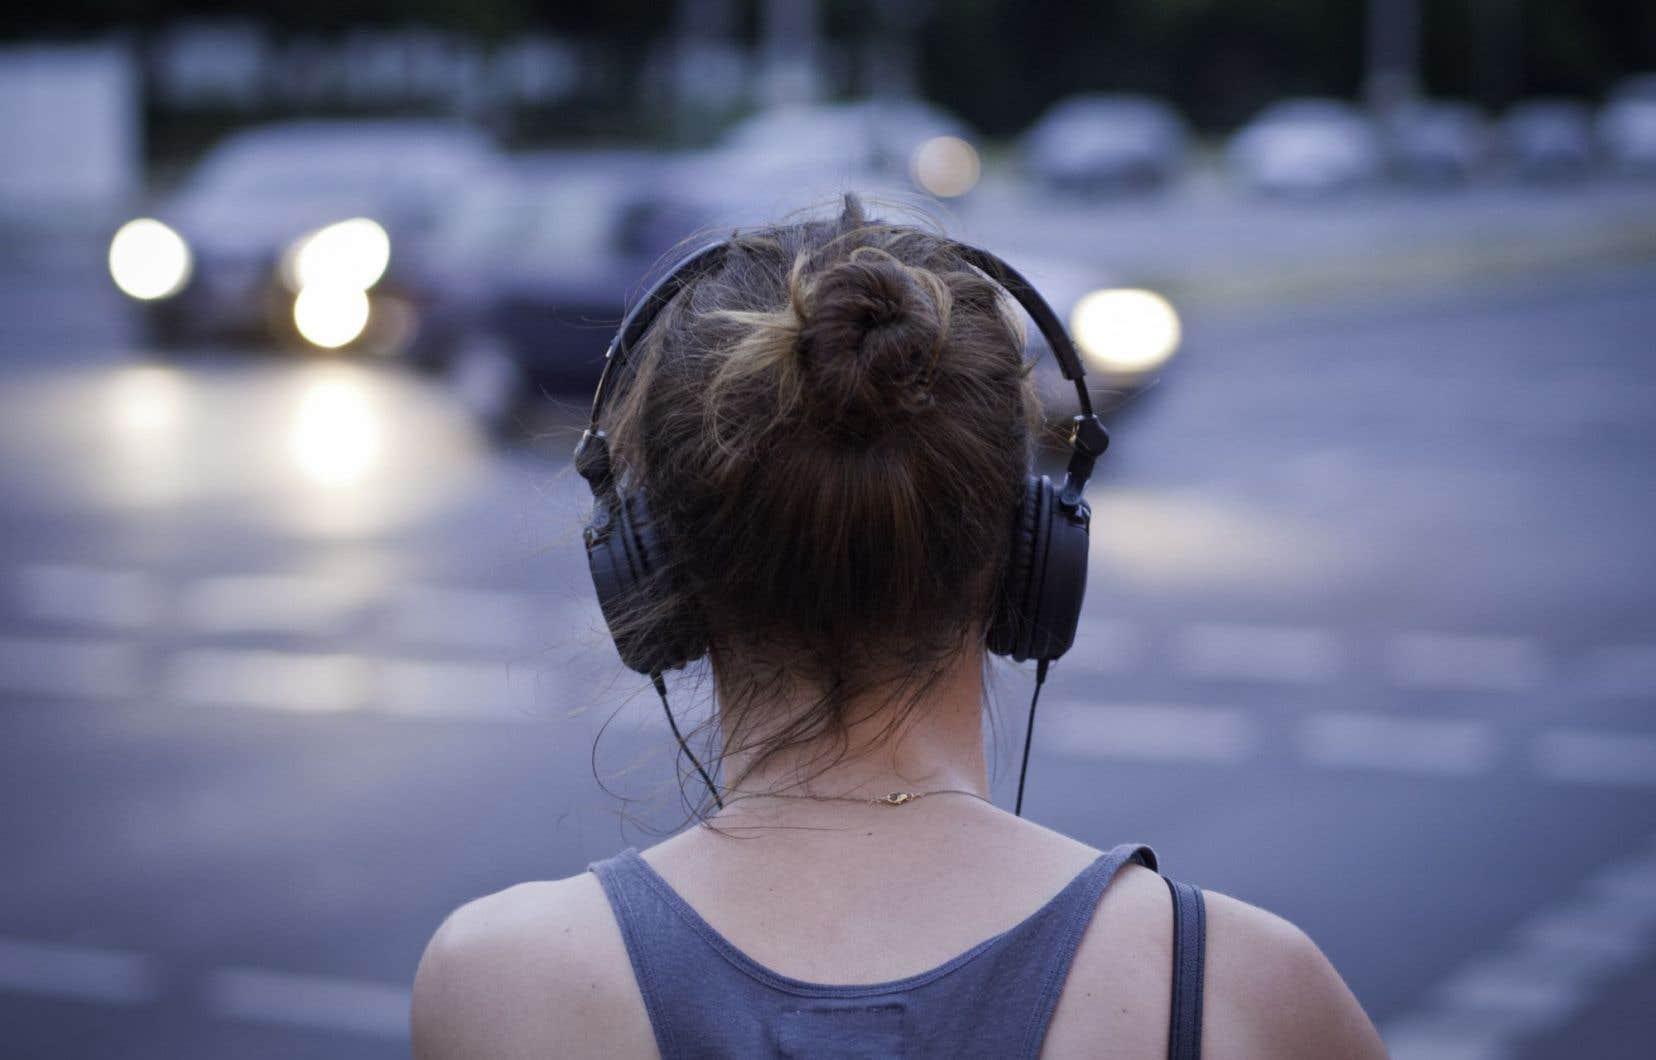 Pour huit femmes sur dix, la musique est la source de motivation qui permet de faire un exercice plus exigeant dans un cours de conditionnement physique, indique l'étude